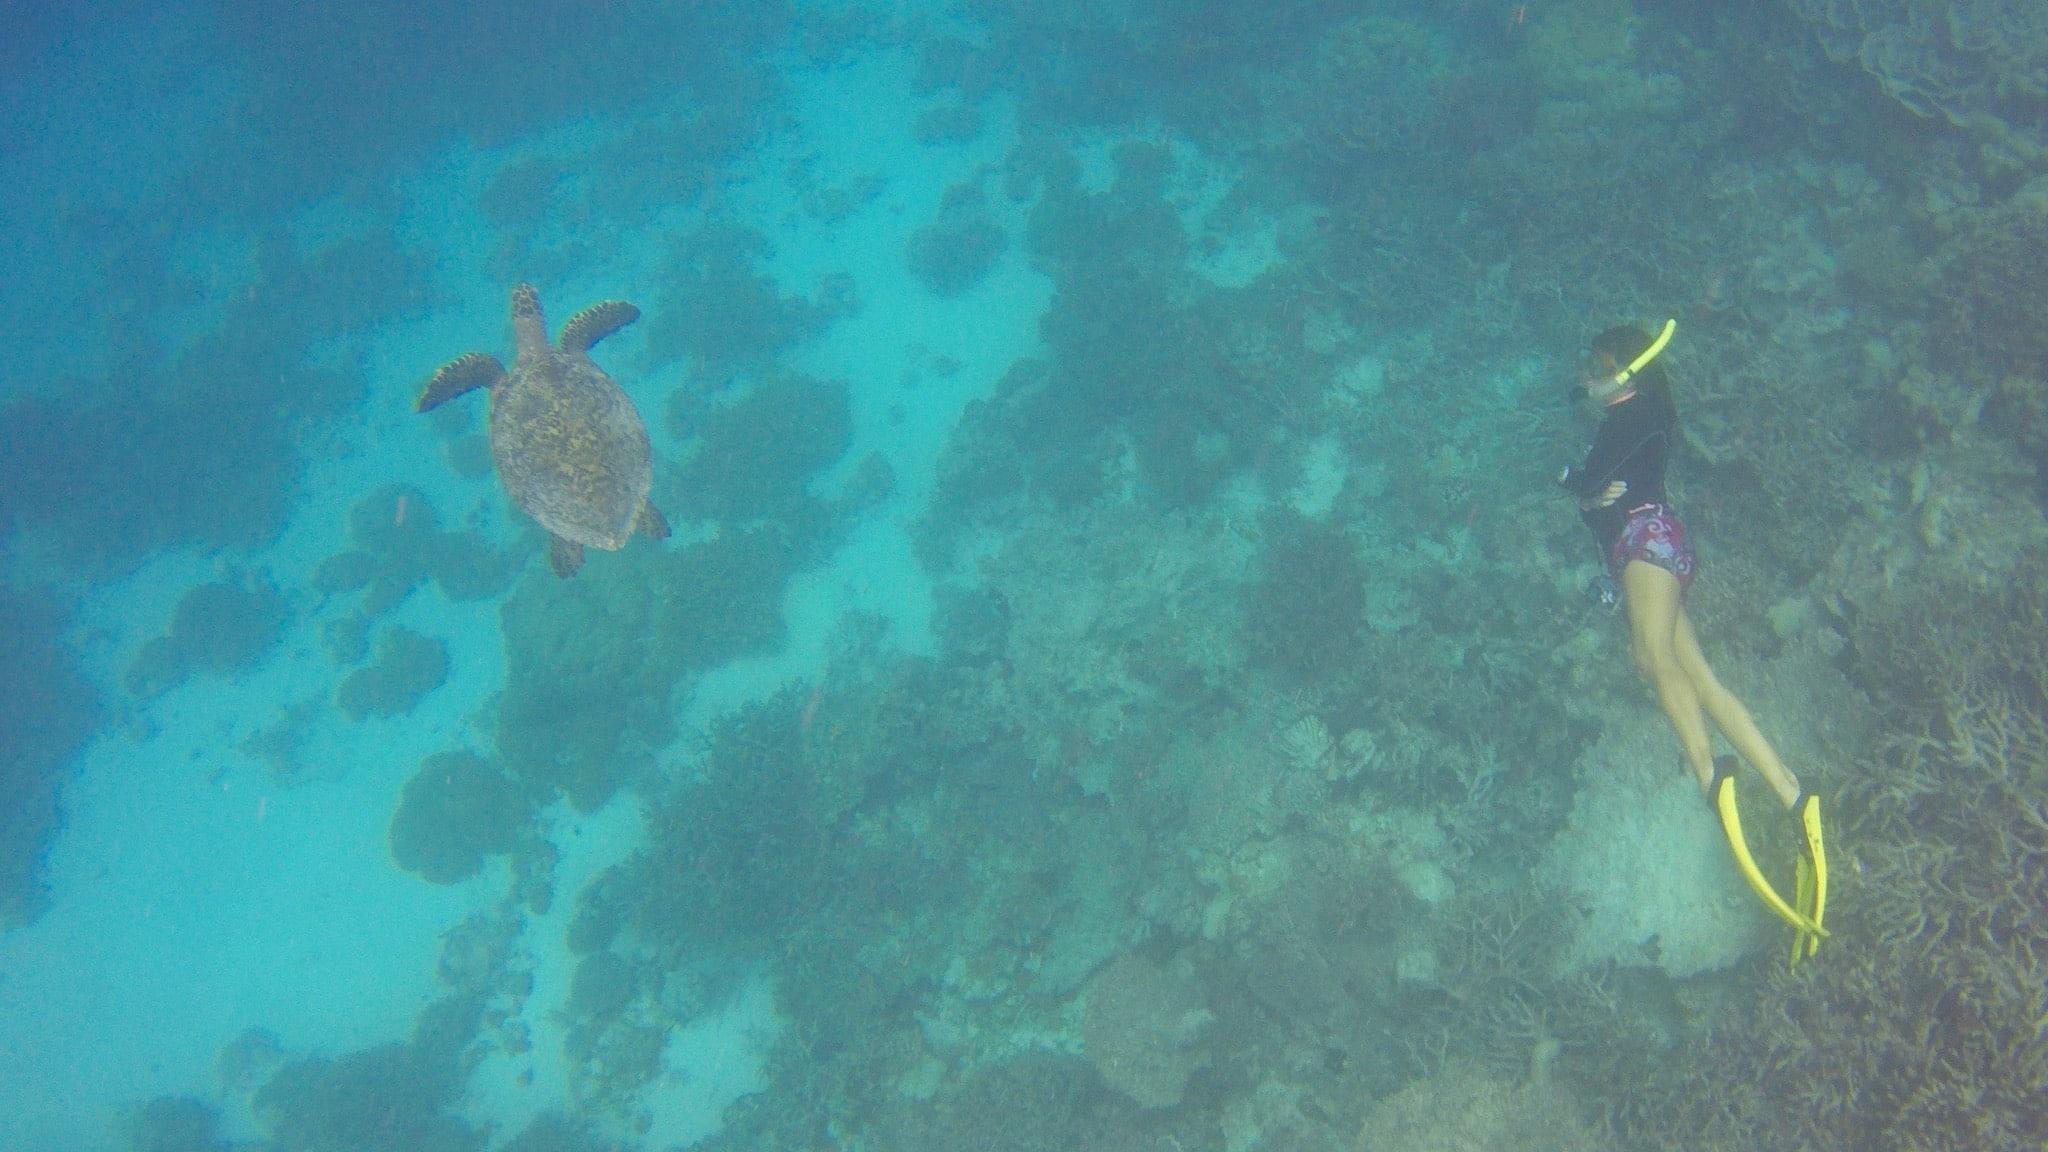 Überall an den Riffen sind Schildkröten zu finden – die Tiere sind leider stark bedroht. Foto: Sascha Tegtmeyer Reisebericht Malediven Tipps